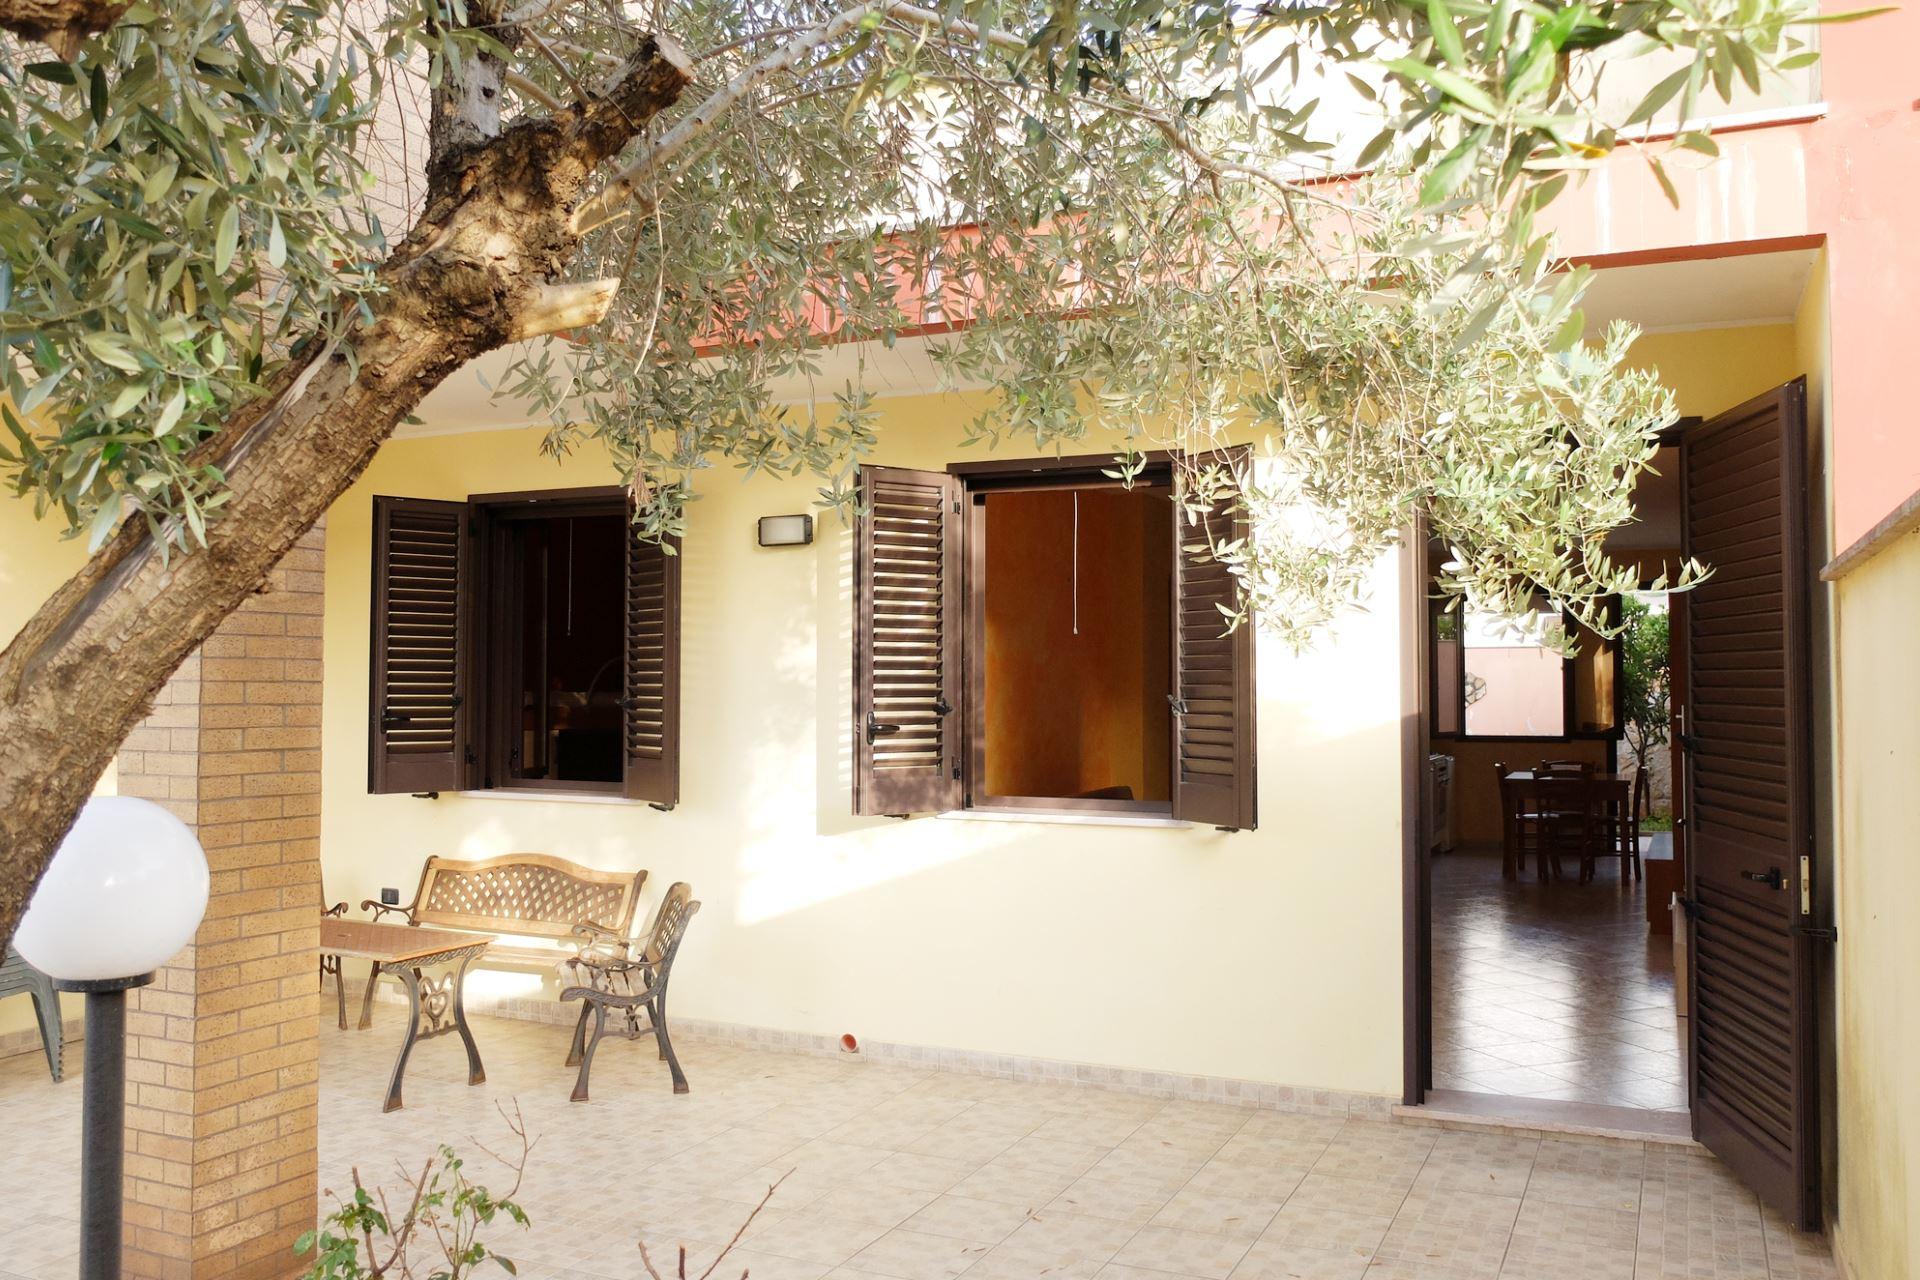 Villetta Alice, 2 camere letto con giardino